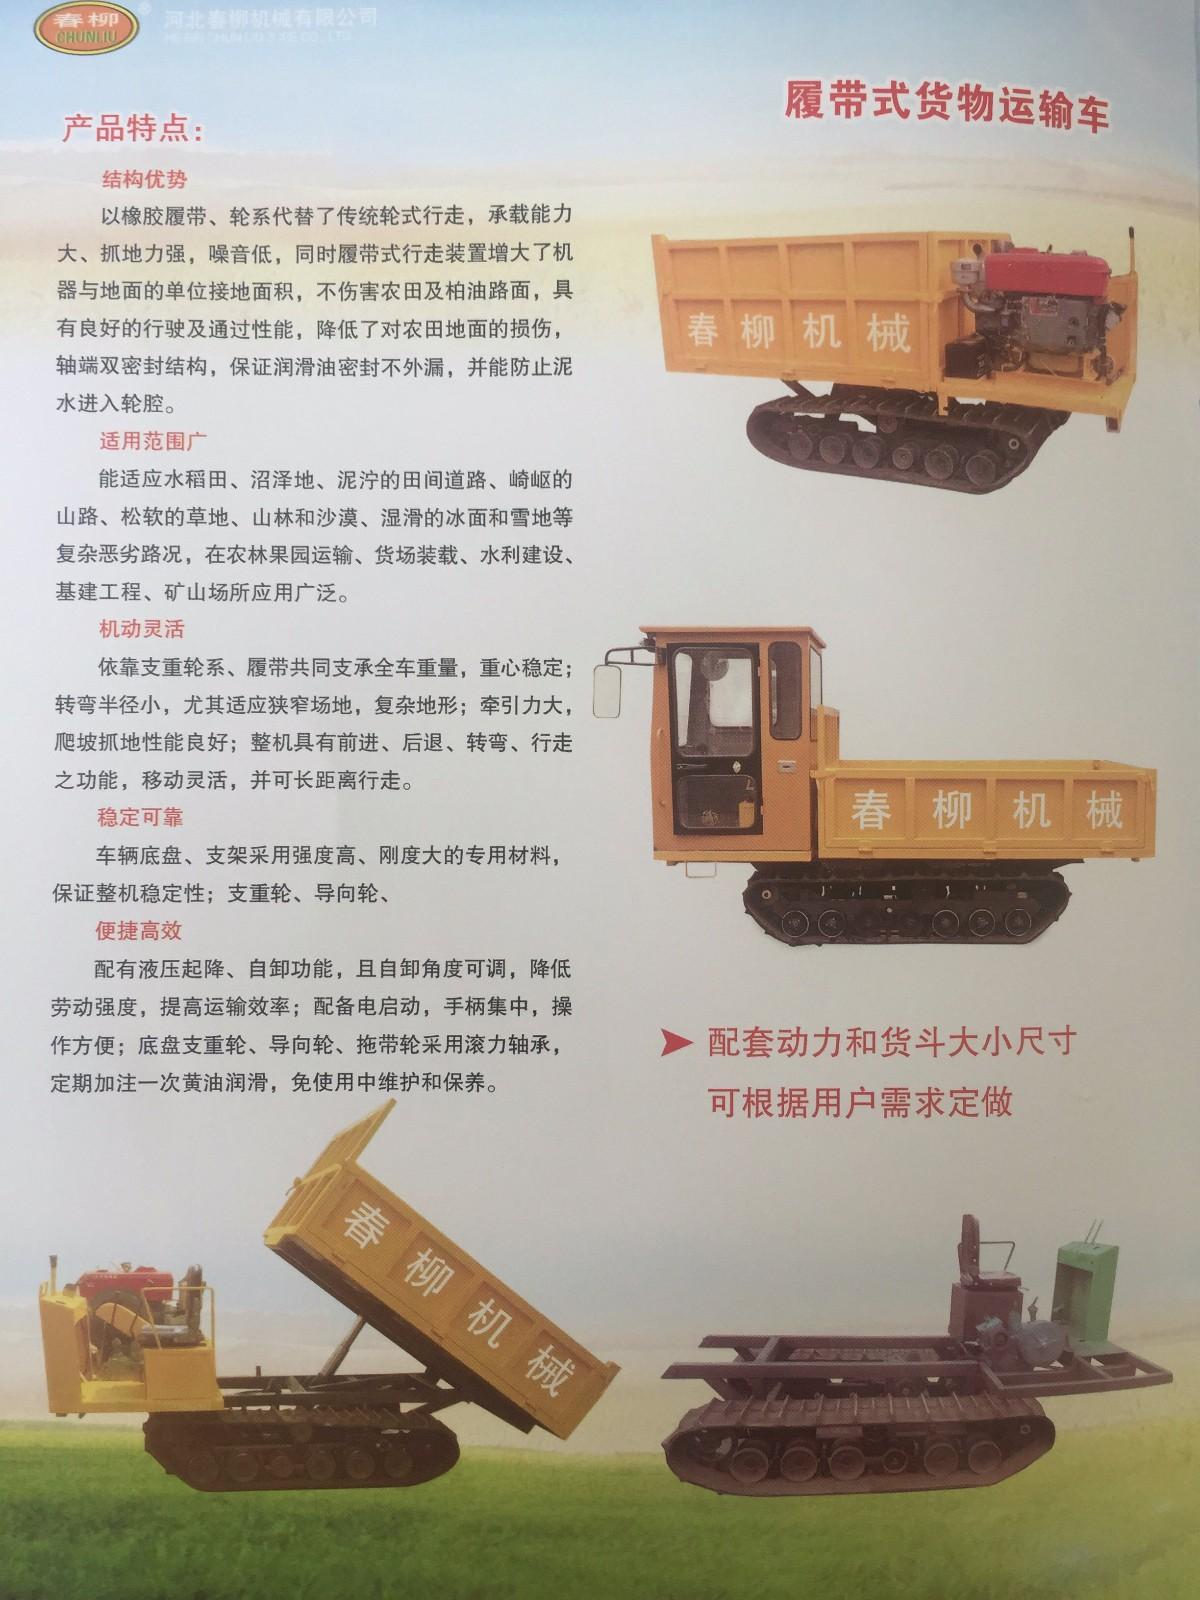 履带运输车宣传册.jpg